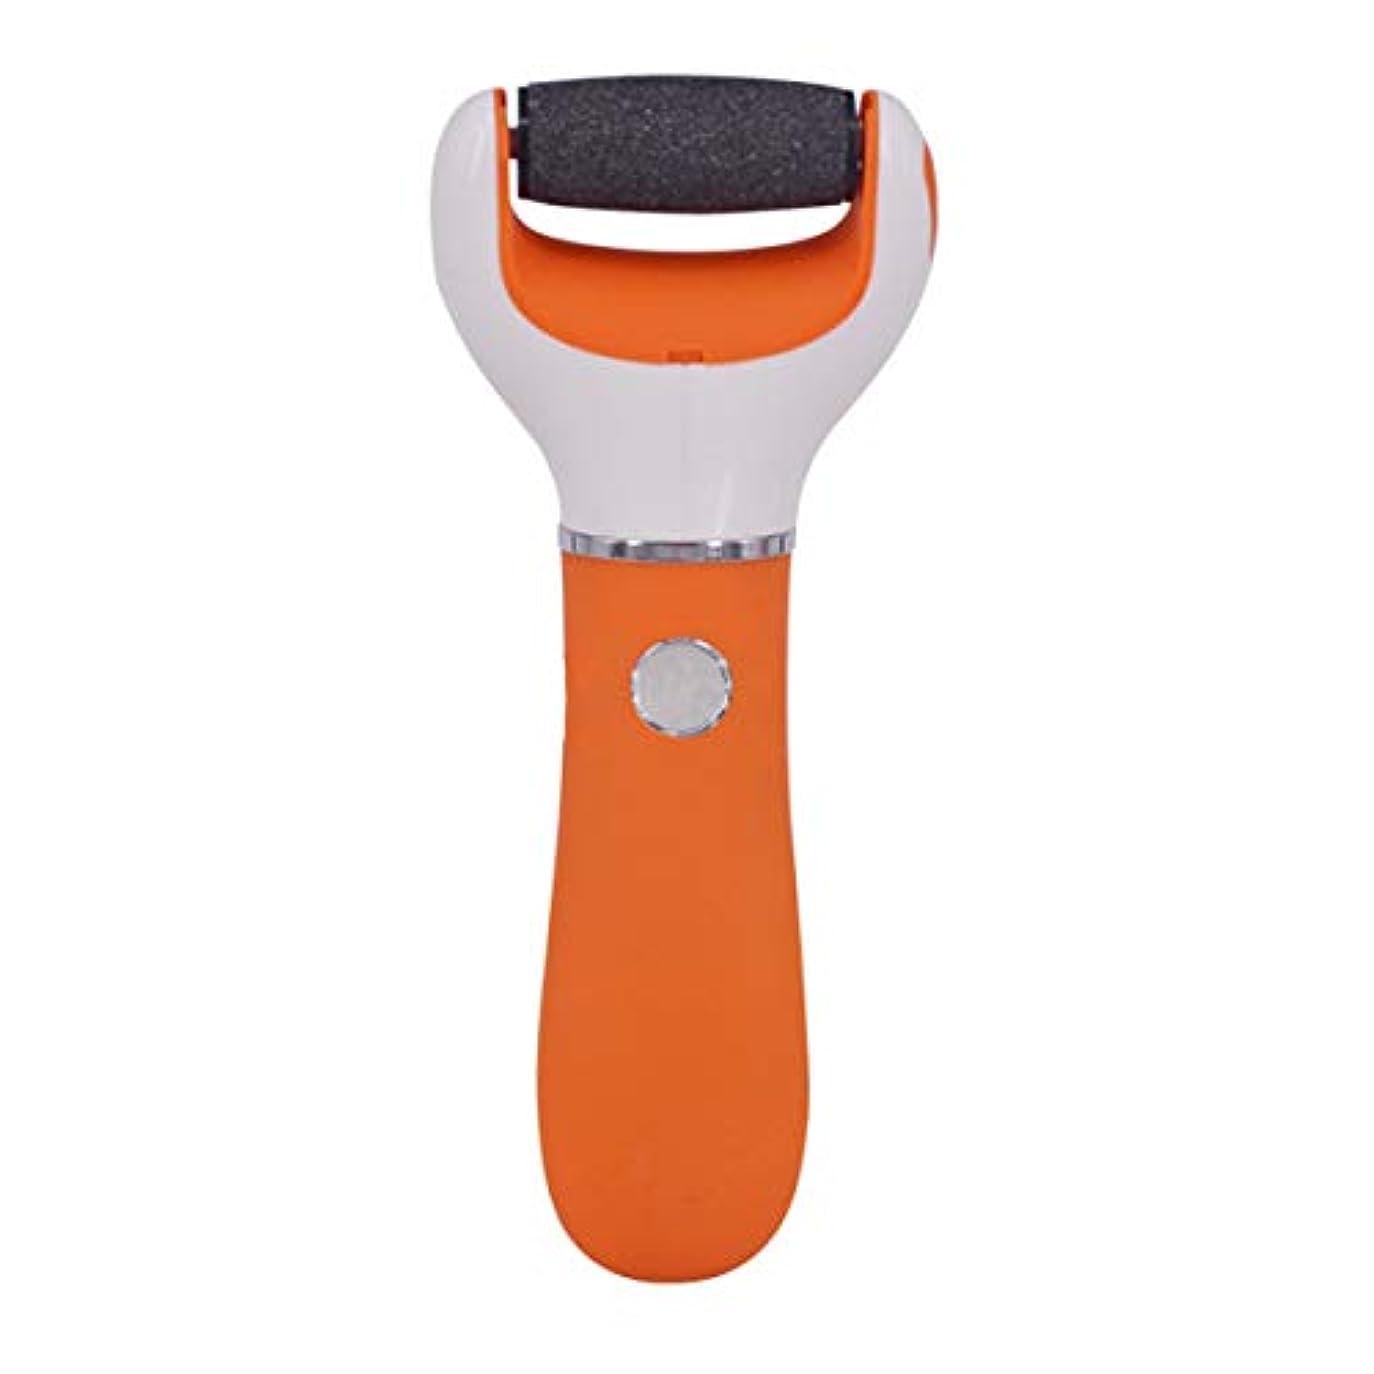 卒業国際透けて見える電気足ファイルデバイスの充電式電気ペディキュアデバイスは、たこのペディキュアの楽器を剥離します,Orange